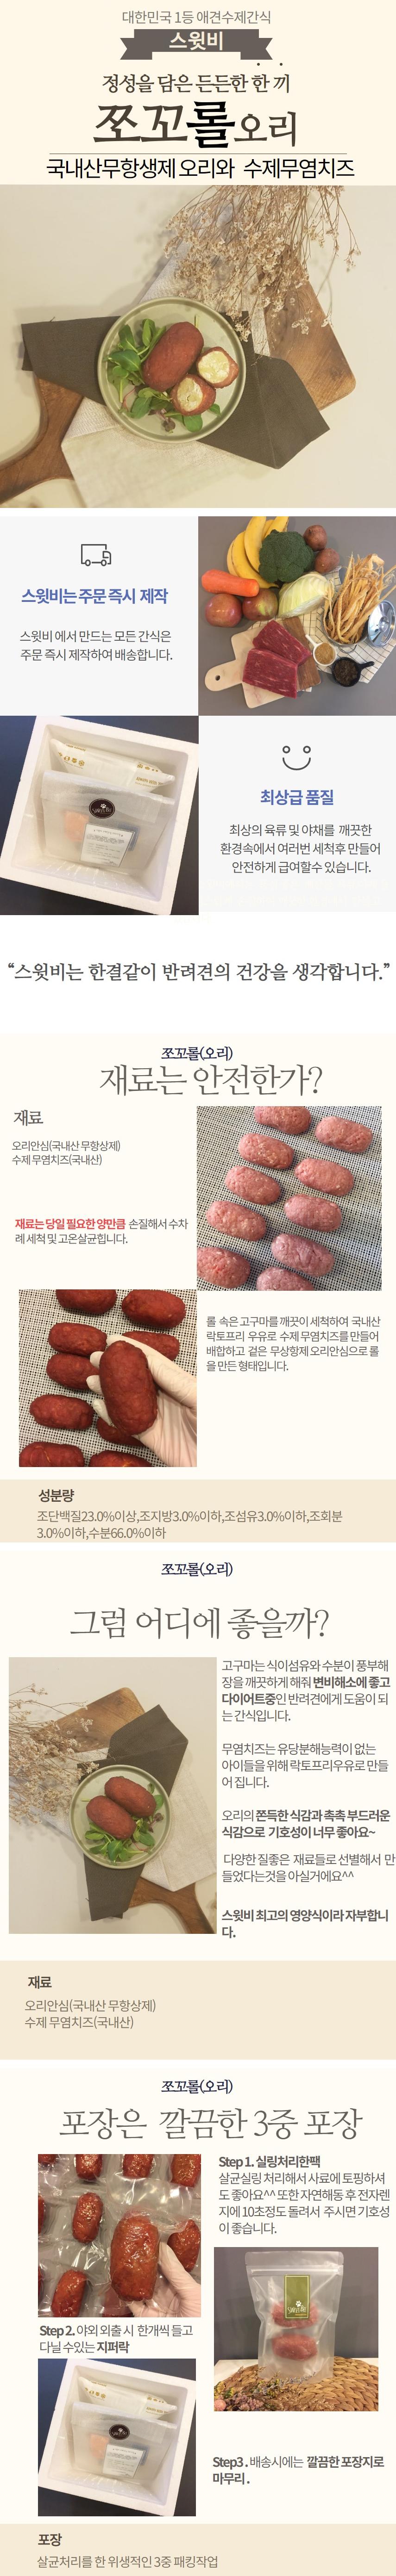 스윗비 강아지 수제간식 쪼꼬롤 오리 90g + 90g - 스윗비, 7,500원, 간식/영양제, 수제간식